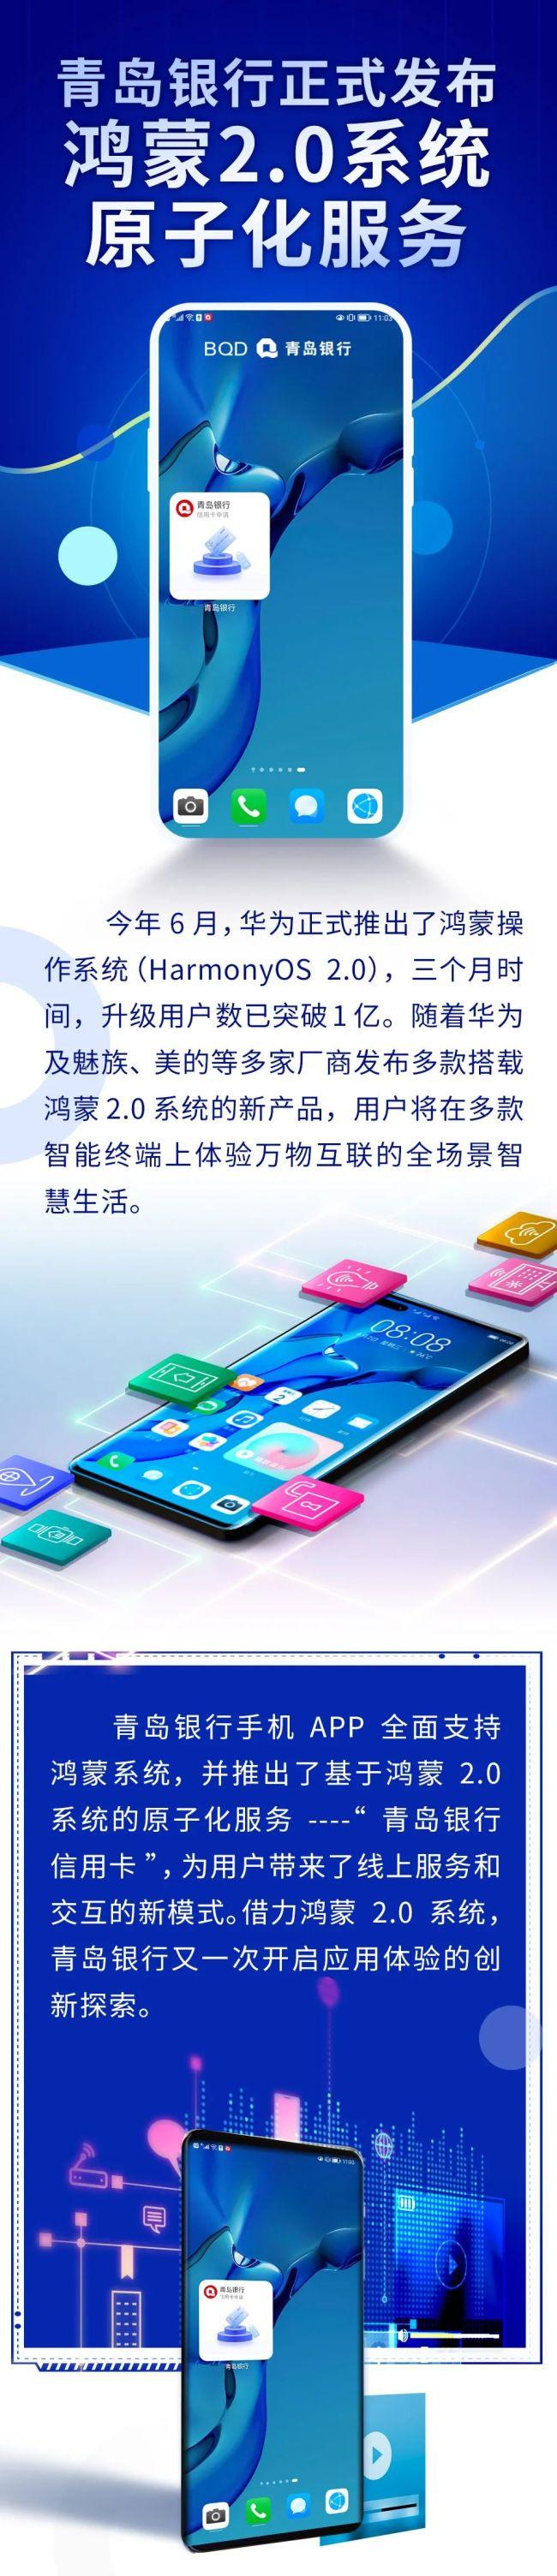 化繁为简 触手可及,青岛银行正式推出鸿蒙2.0系统原子化服务